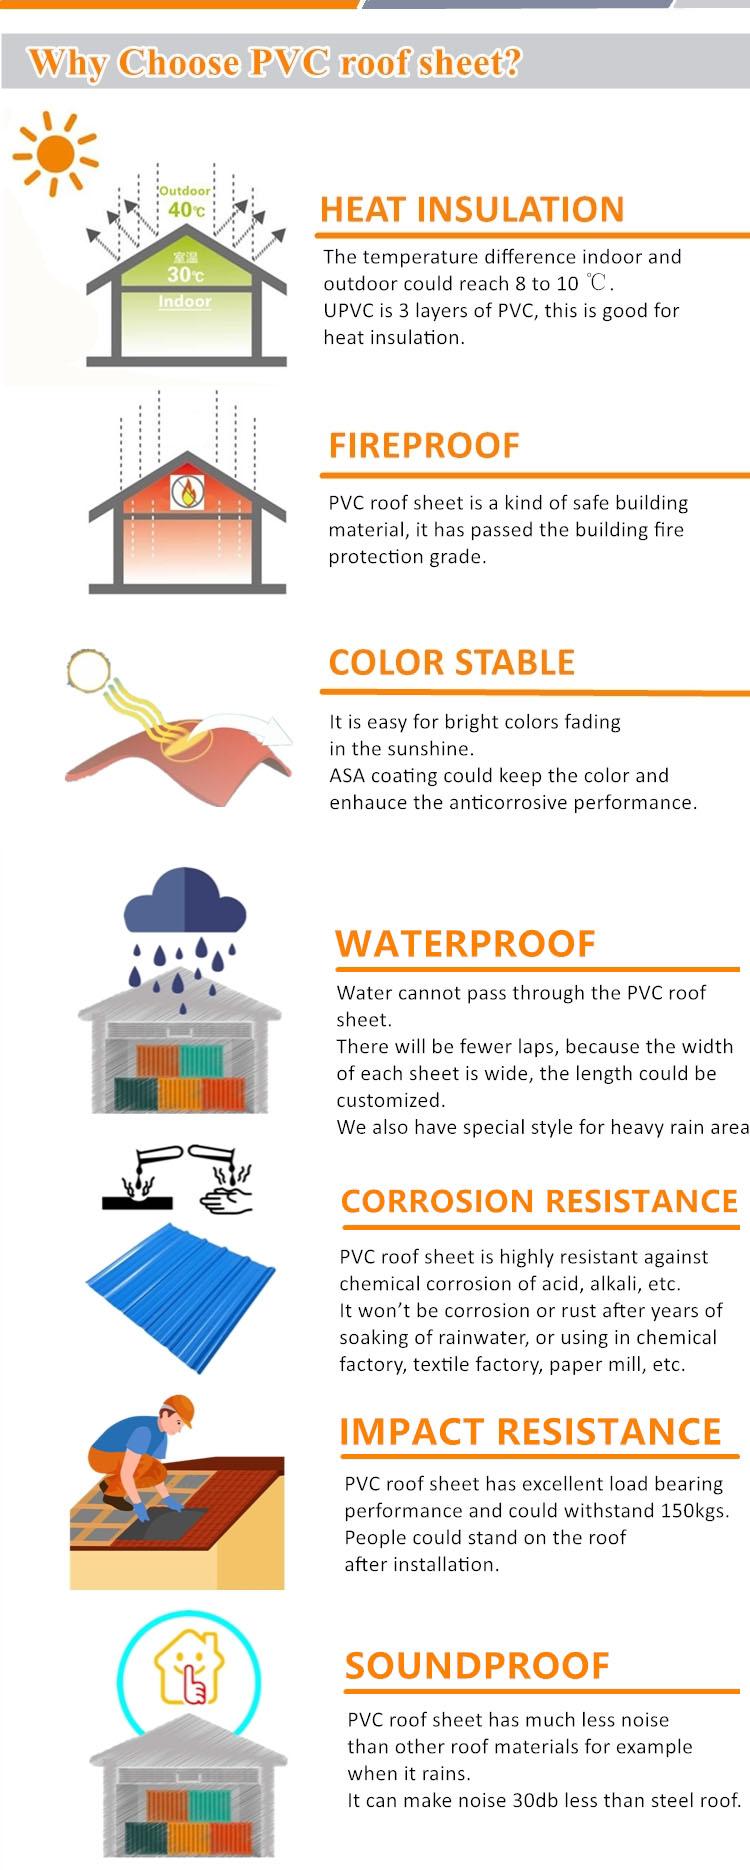 advantage of PVC roof tile